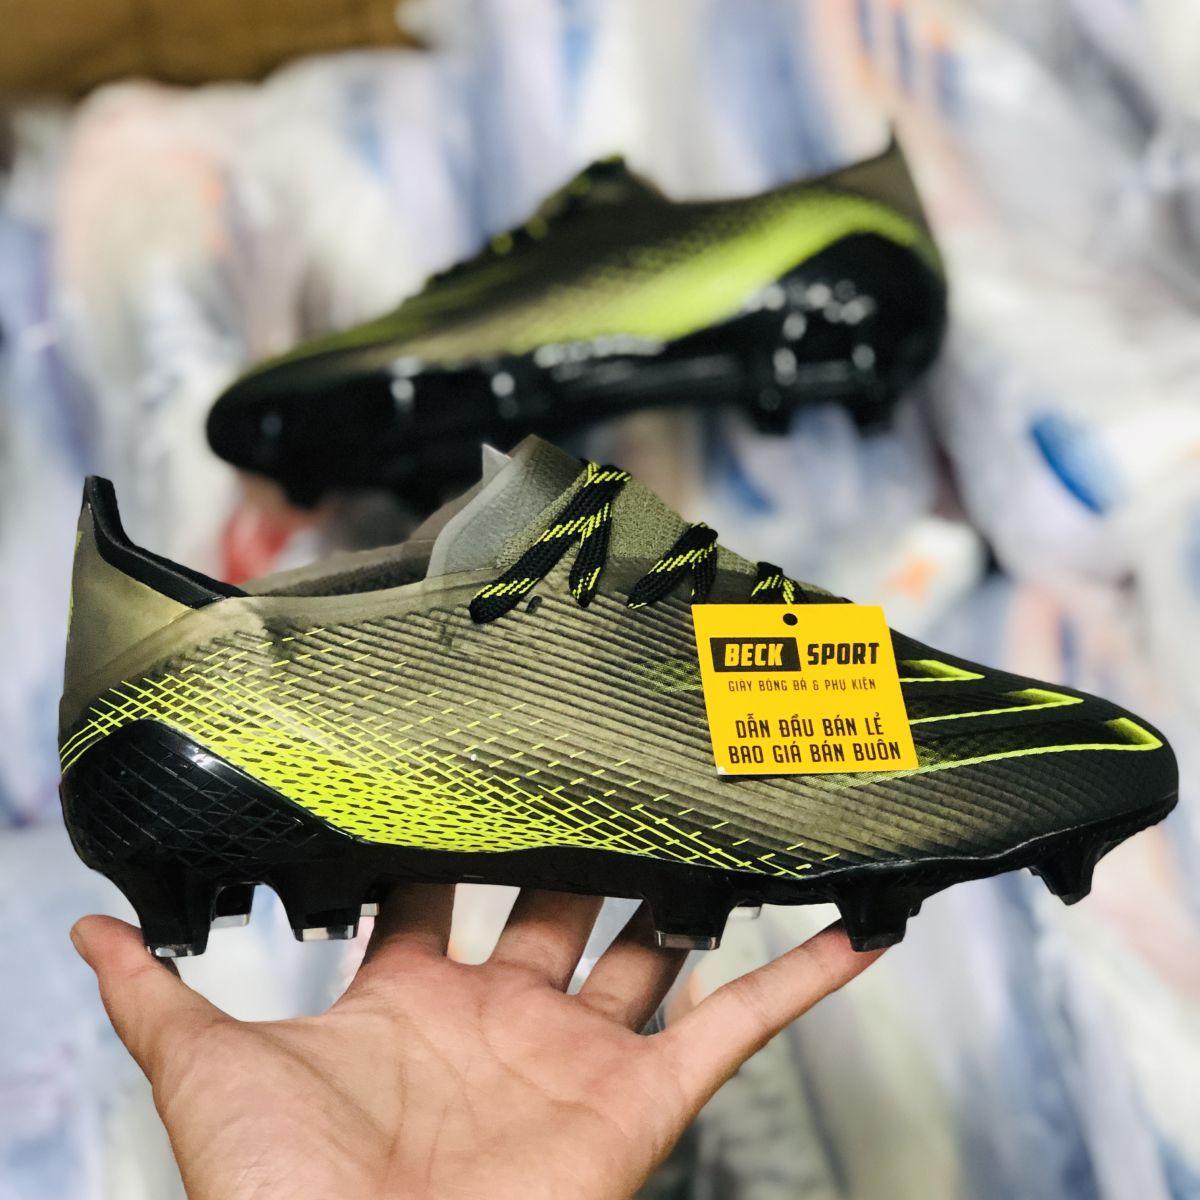 Giày Bóng Đá Adidas X Ghosted.1 Đen Vạch Chuối FG